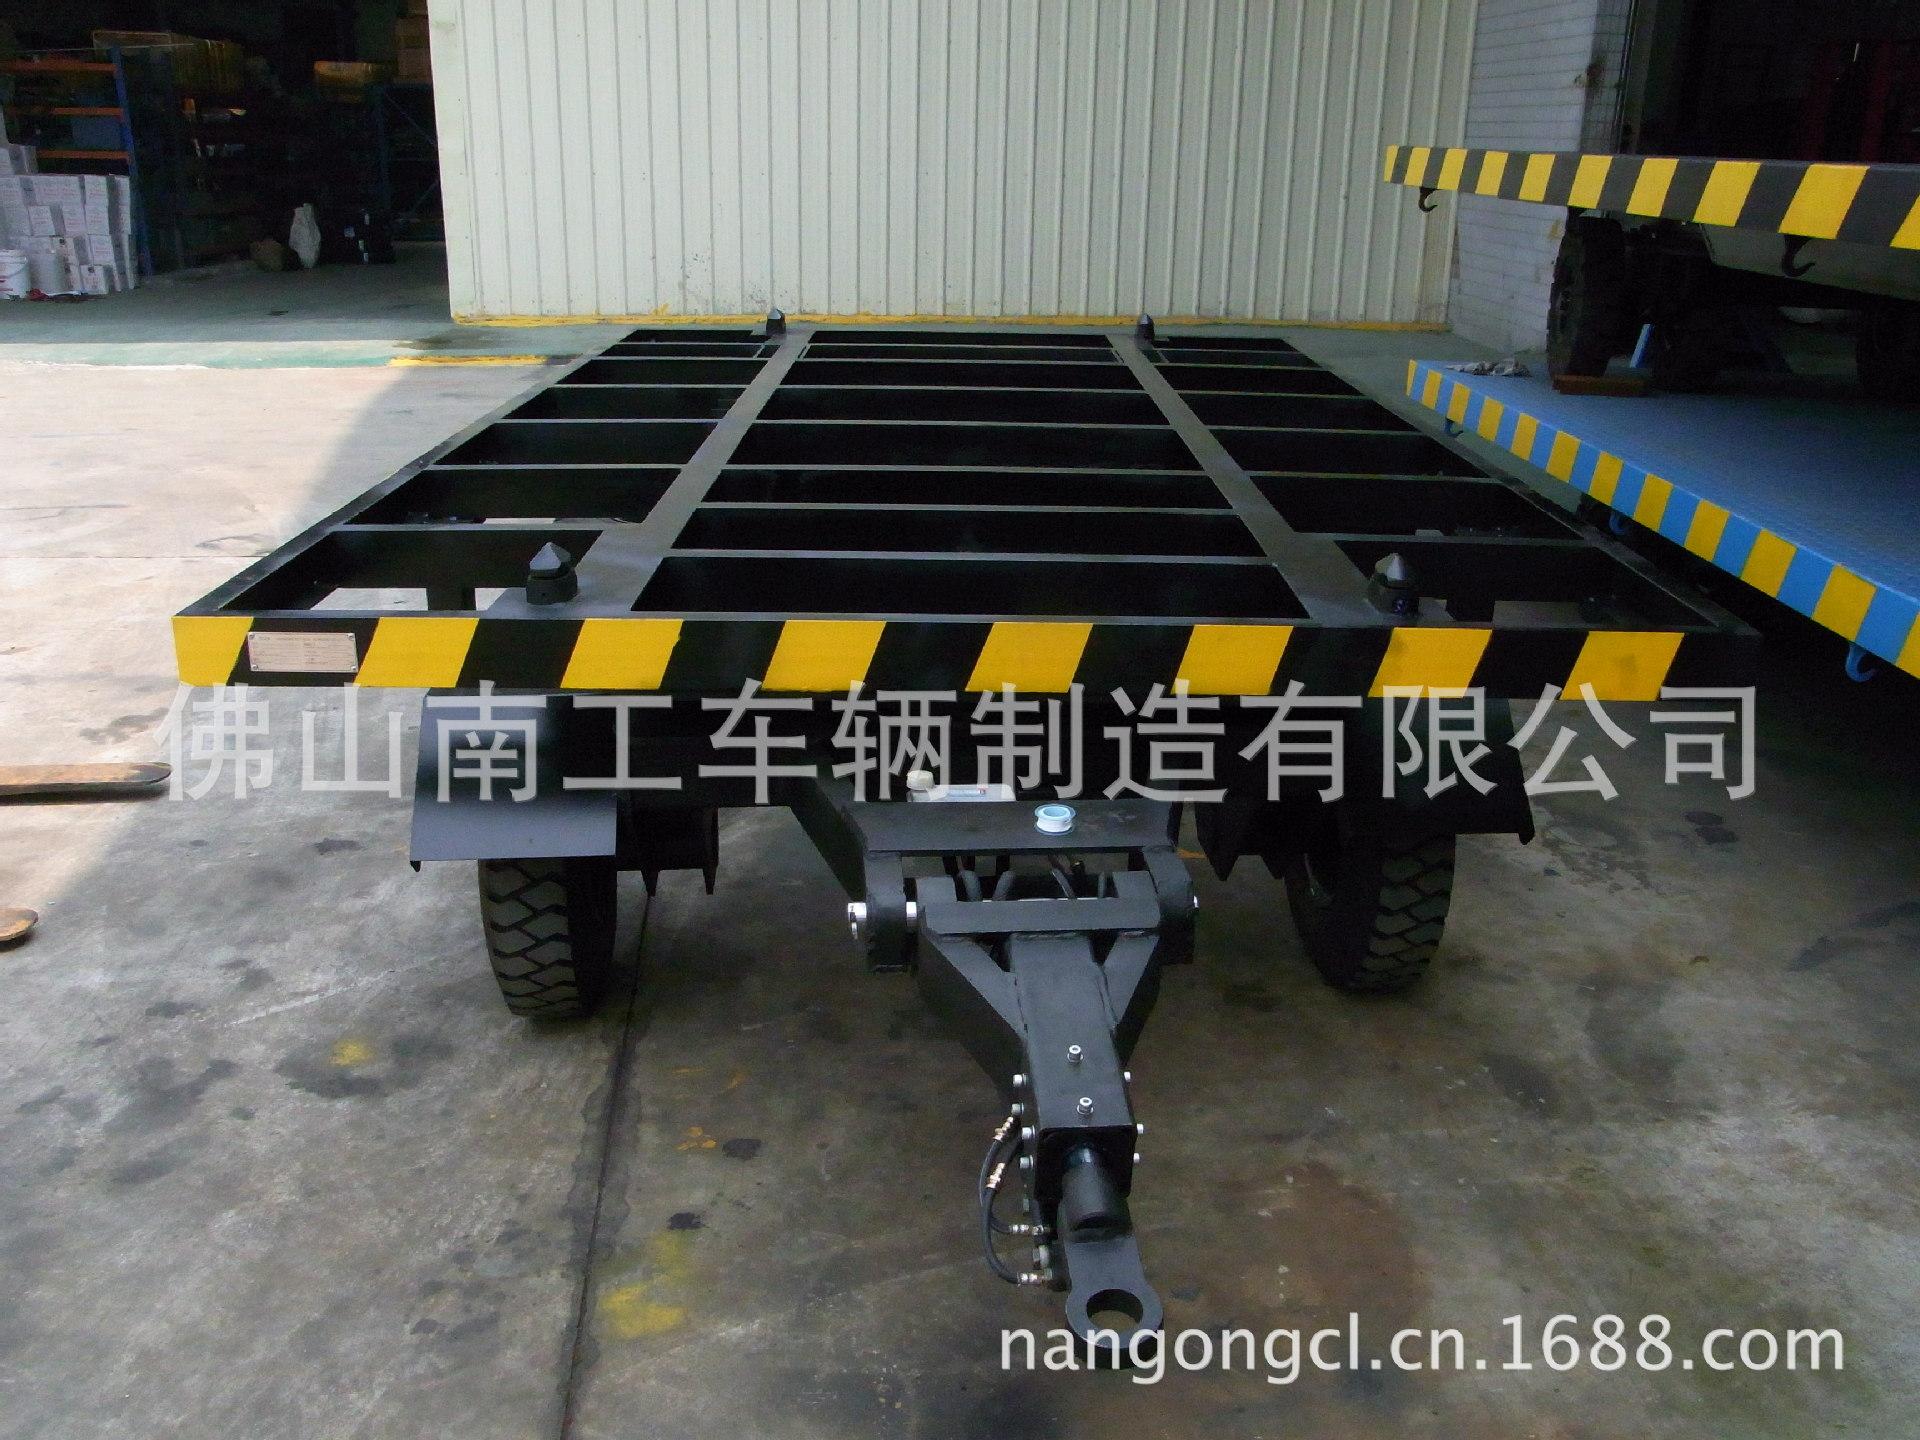 厂家直销航天质量平板拖车 4T平板拖车 空气胎平板车